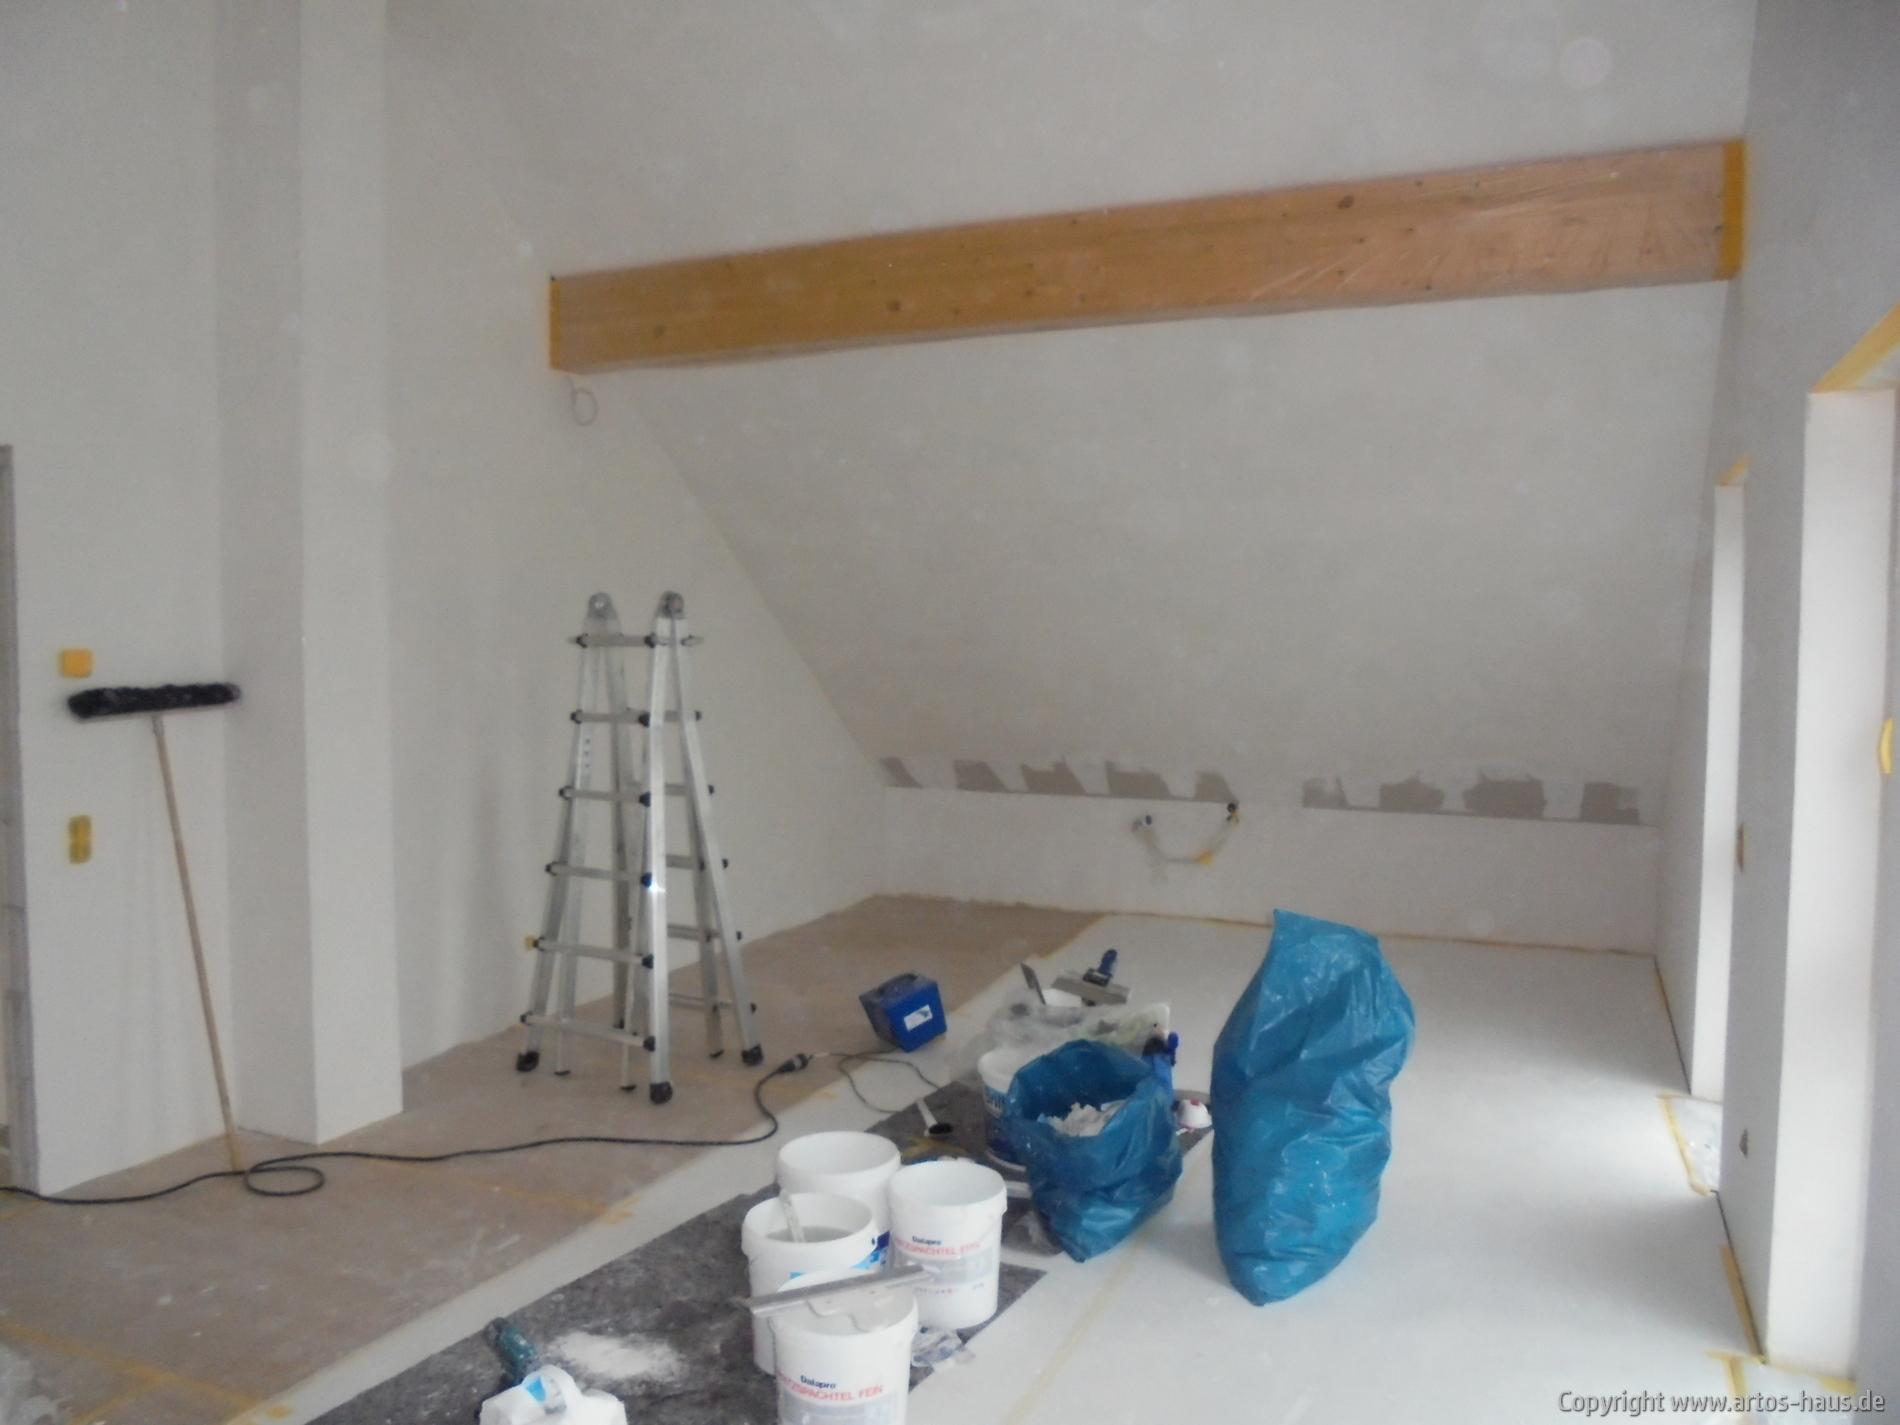 Malerarbeiten und Bodenbeläge Bild 2